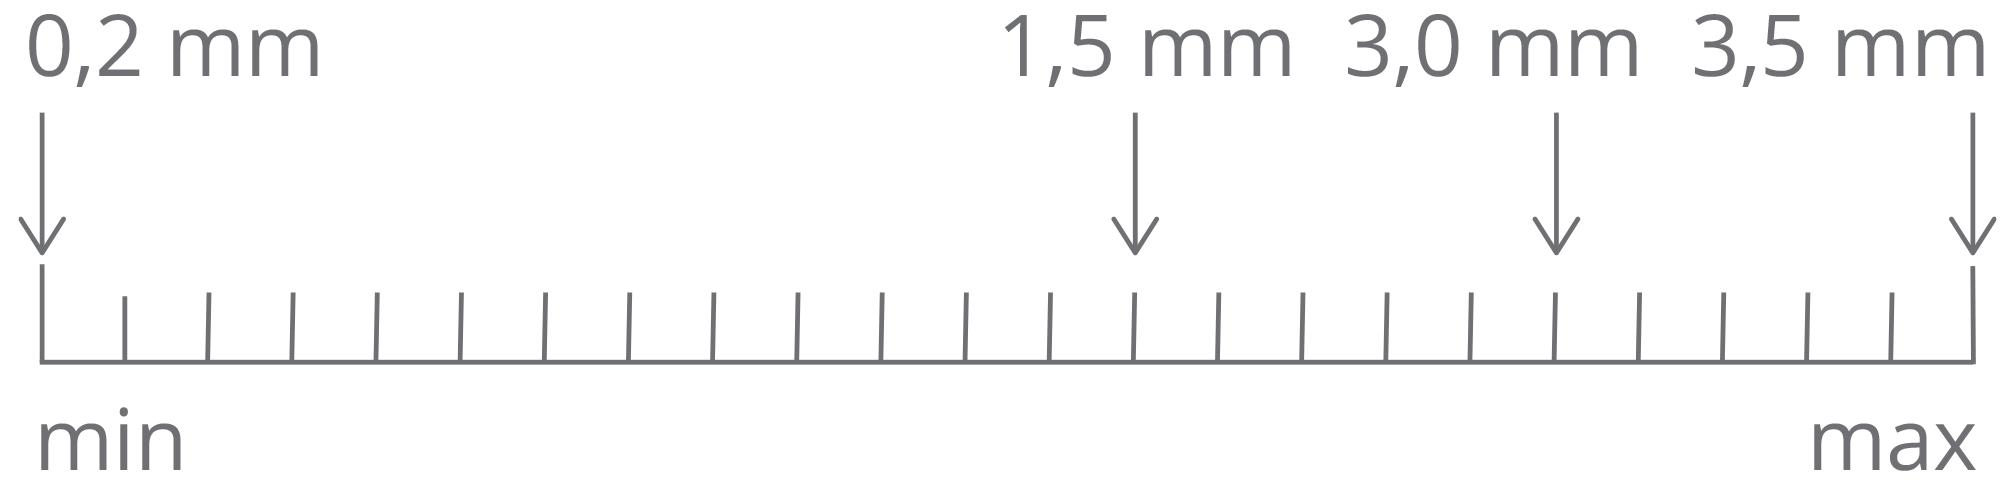 oeka-tech-skala-blechdicken